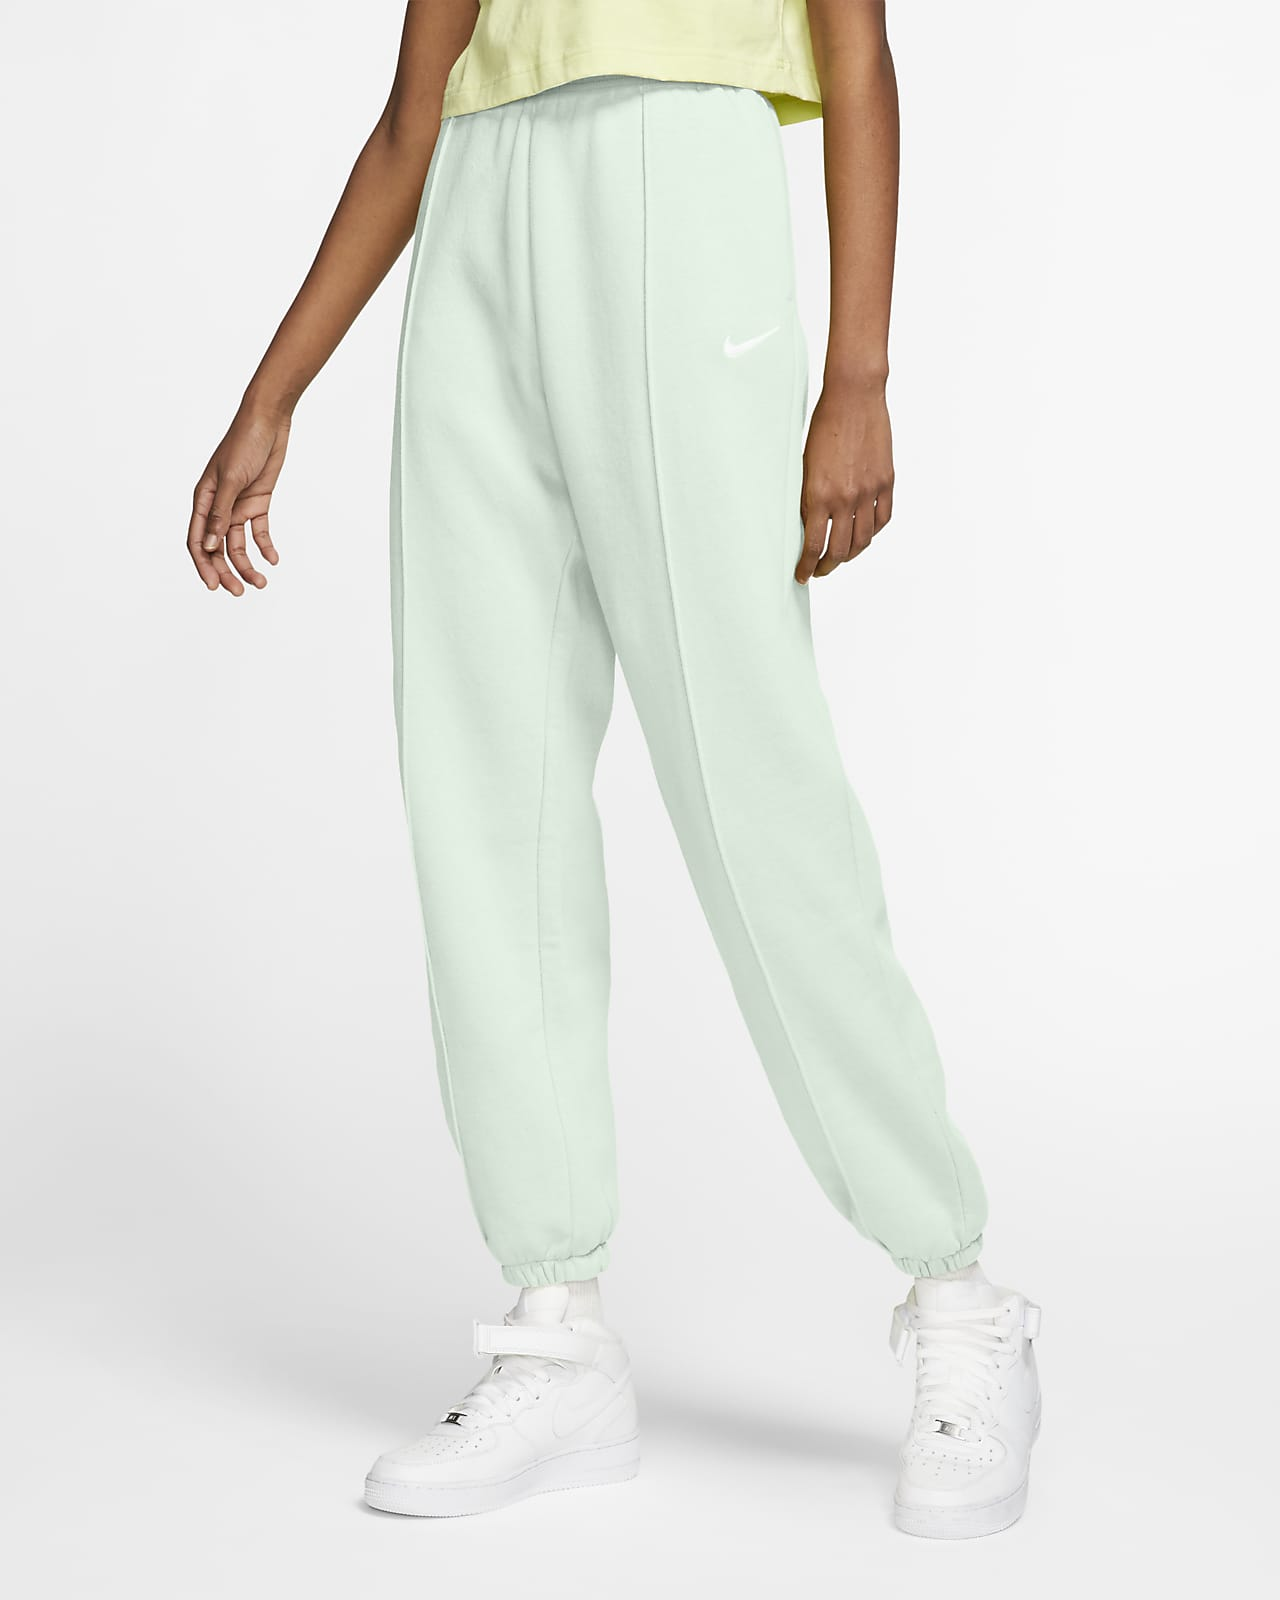 Dámské flísové kalhoty Nike Sportswear Essential Collection